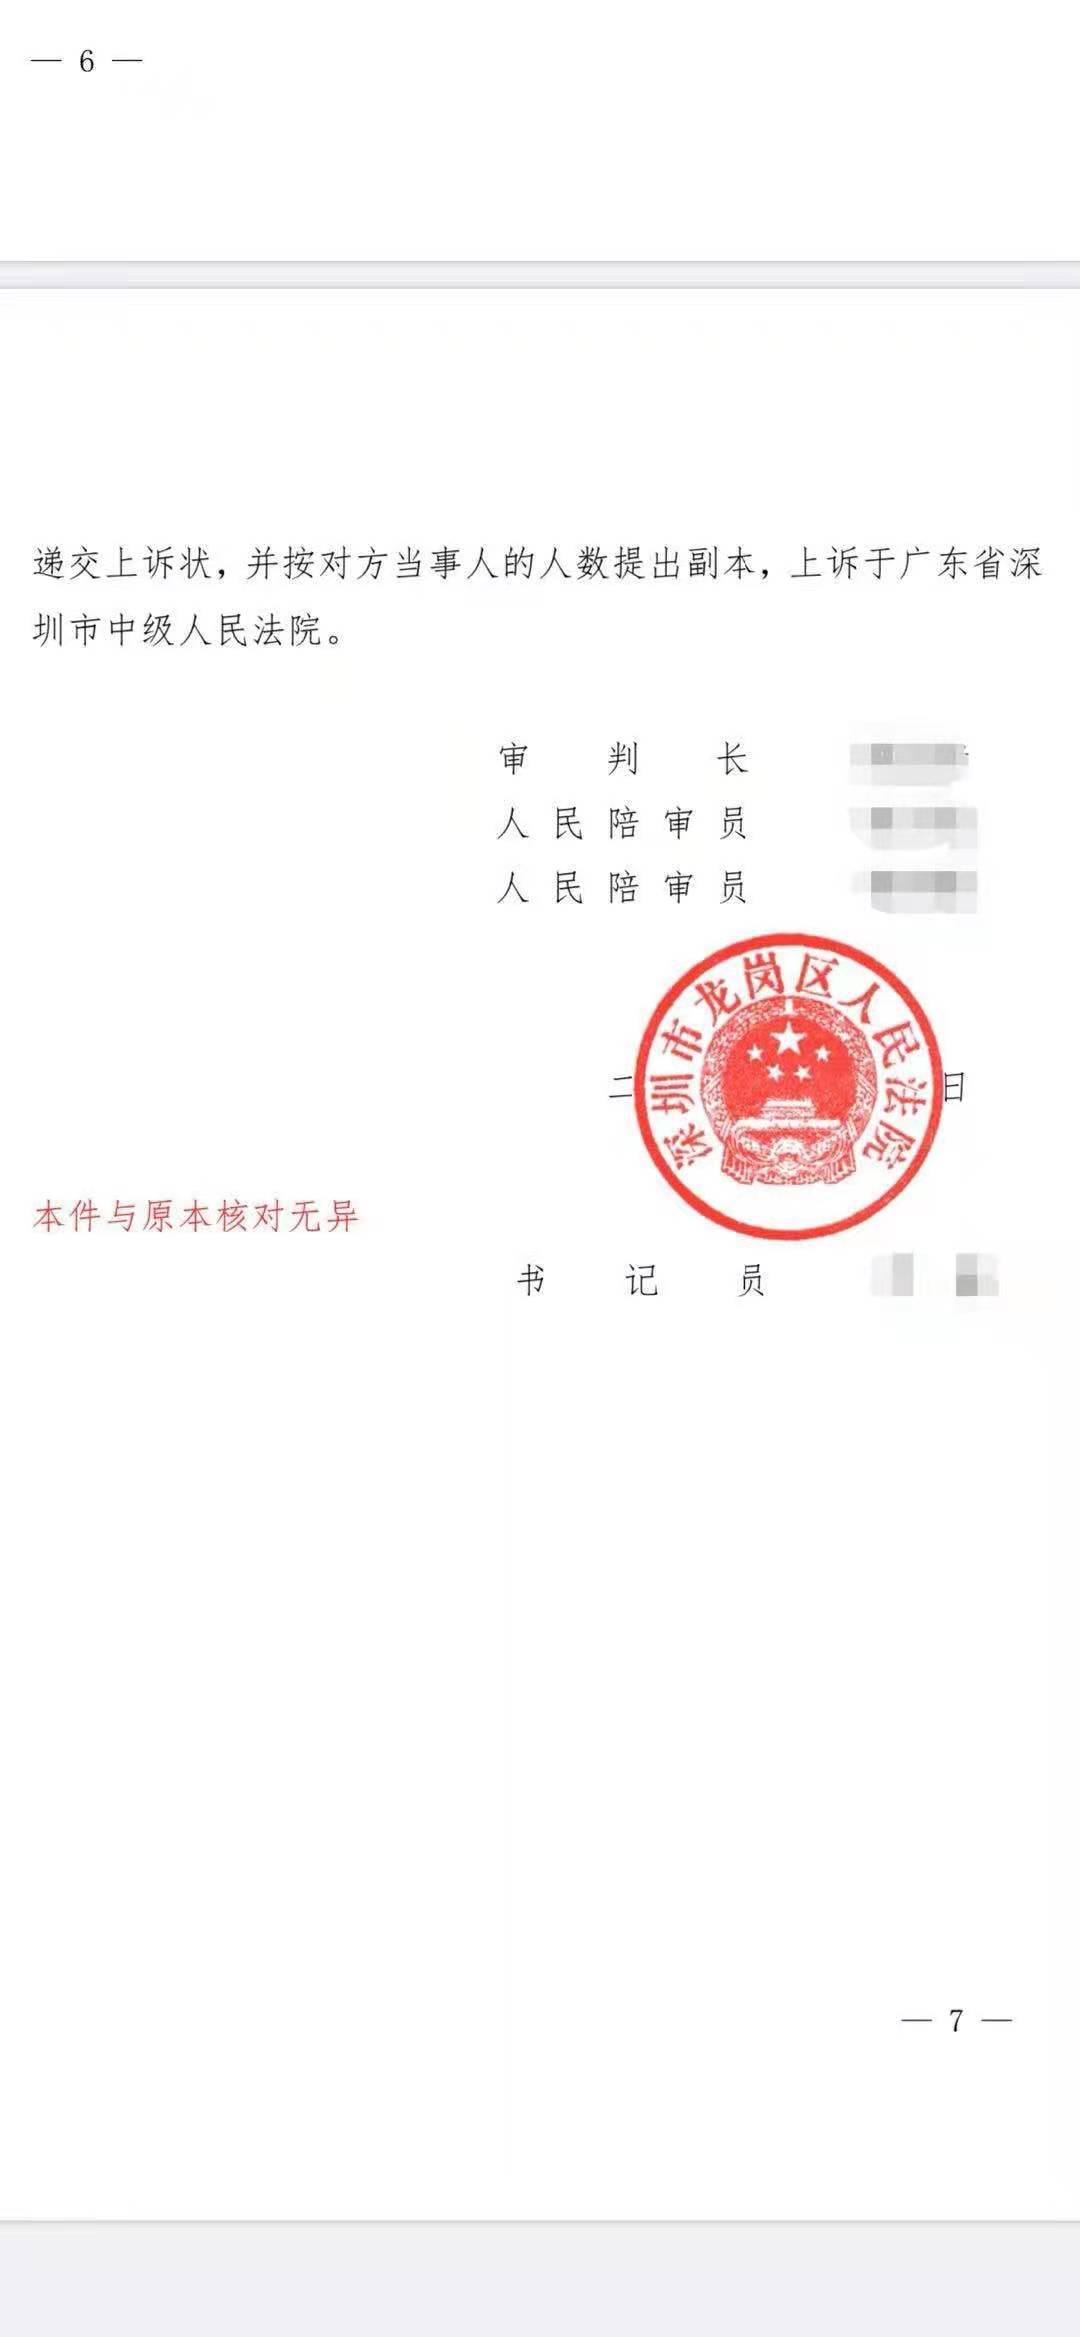 2020-12  連帶責任 原告判決書5.jpg